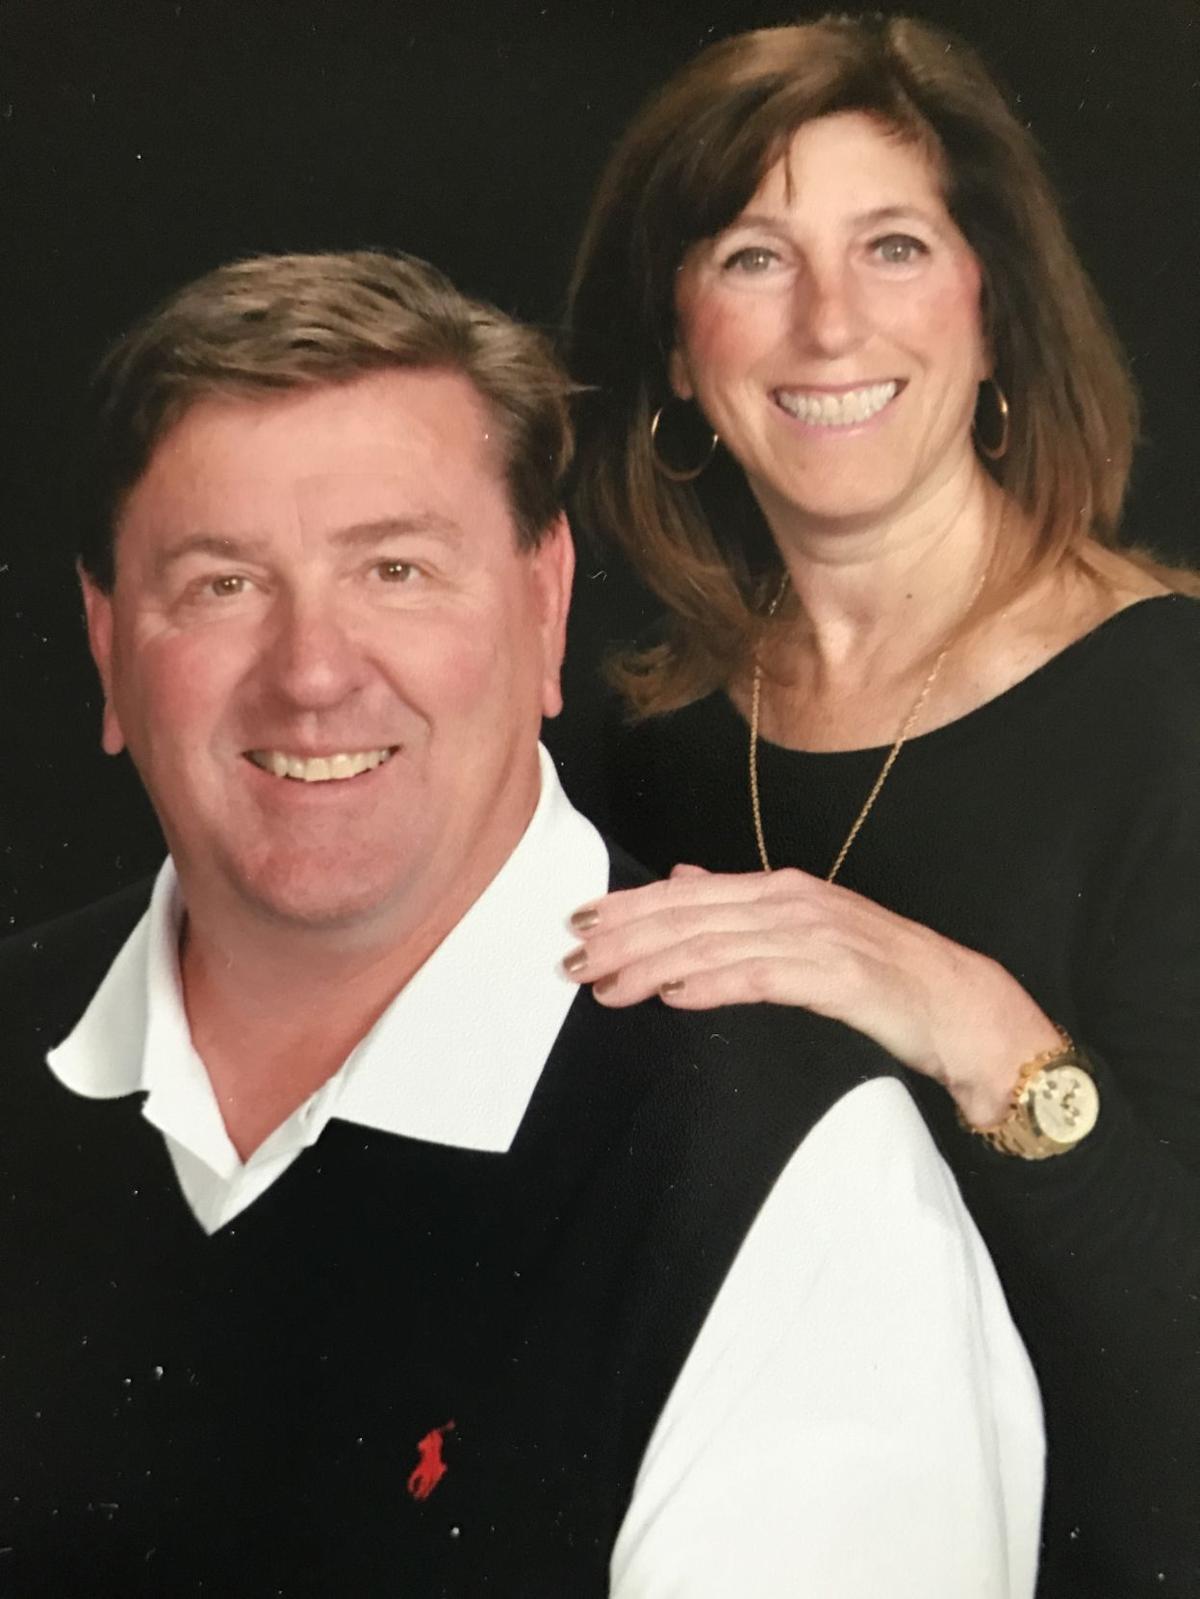 The Daughertys celebrate 35 years!